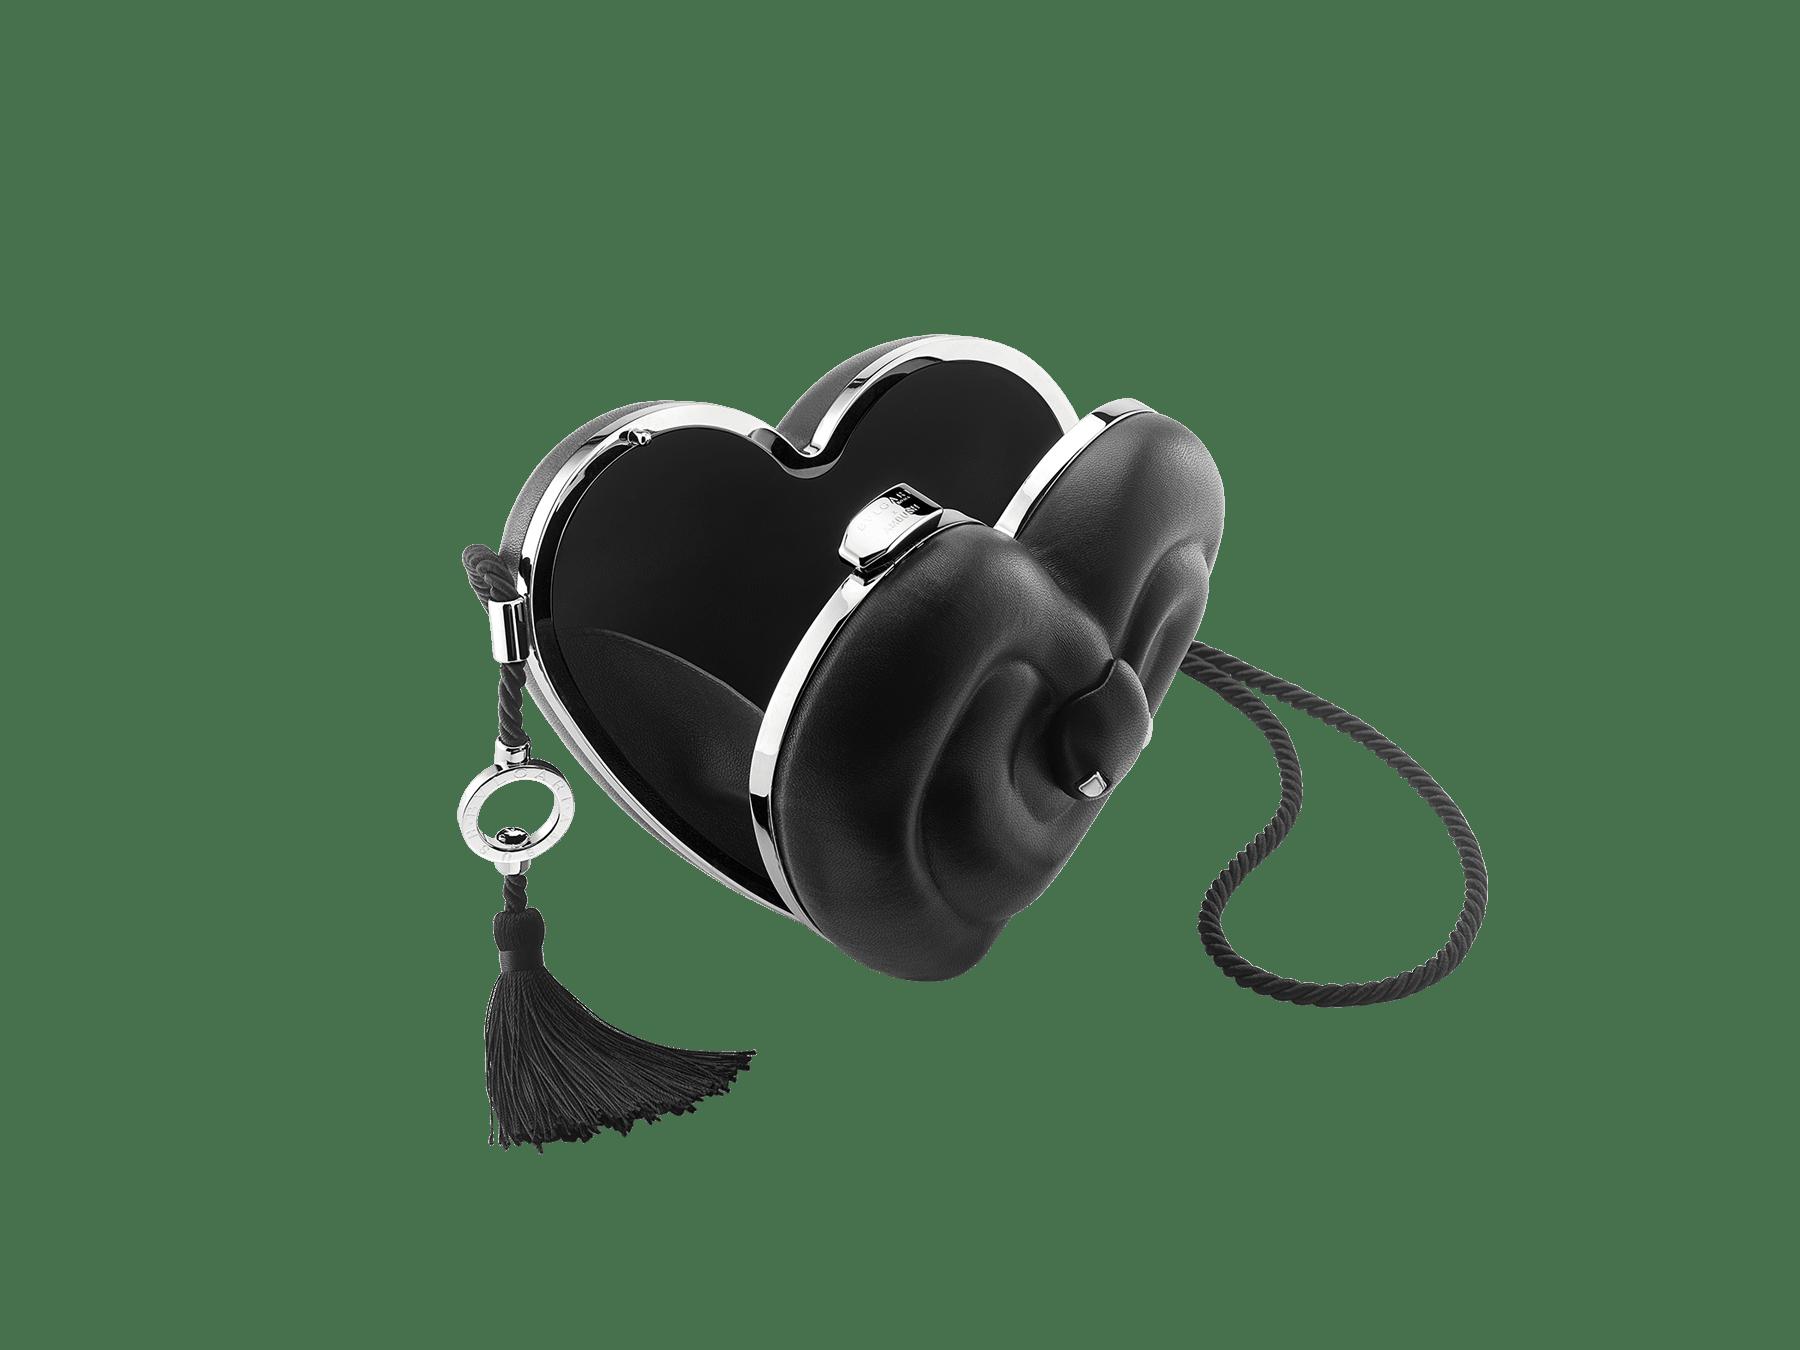 Minaudière Ambush x Bvlgari en aluminium avec une doublure en cuir nappa noir et des détails en laiton. Nouveau fermoir emblématique Serpenti avec yeux en onyx au charme envoûtant. Édition limitée. YA-MINAUDIERE image 3